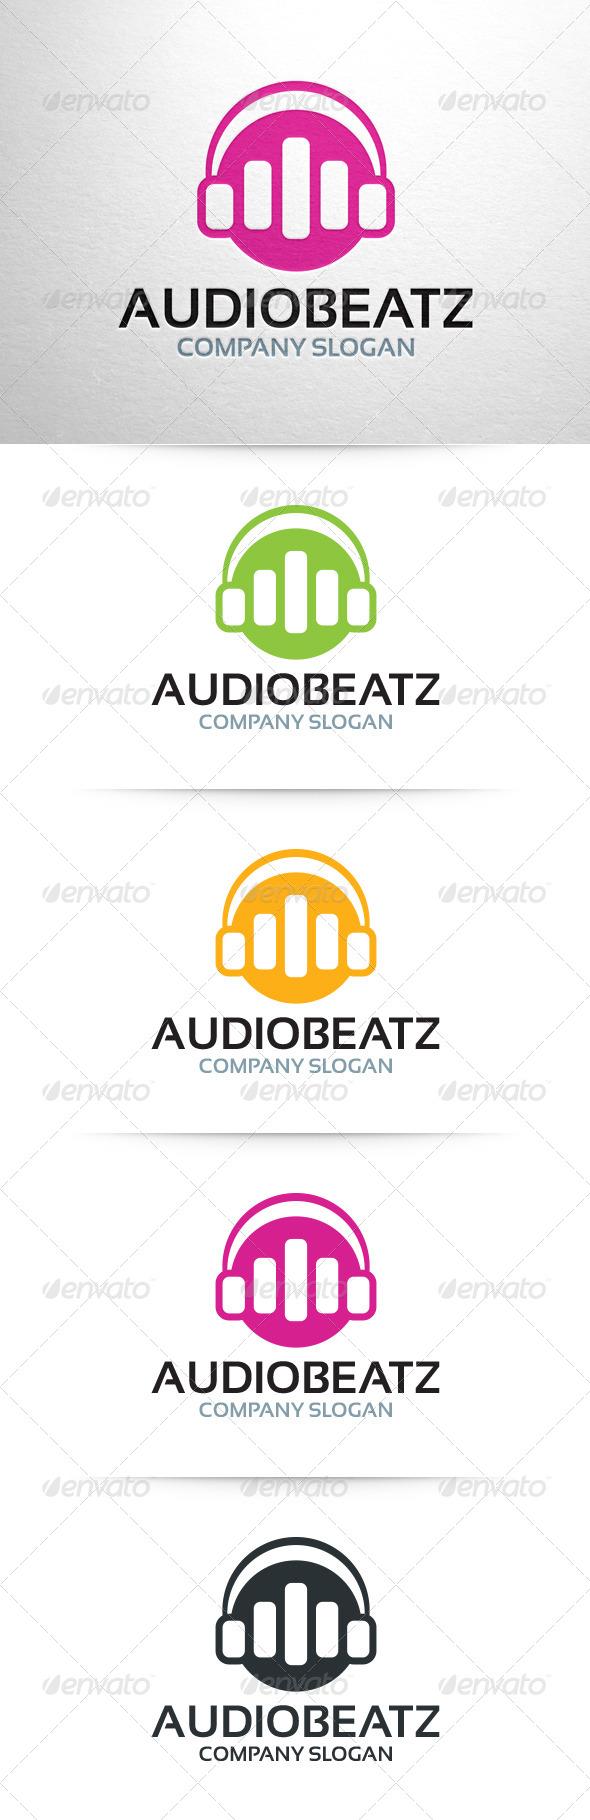 GraphicRiver Audio Beatz Logo 6429986